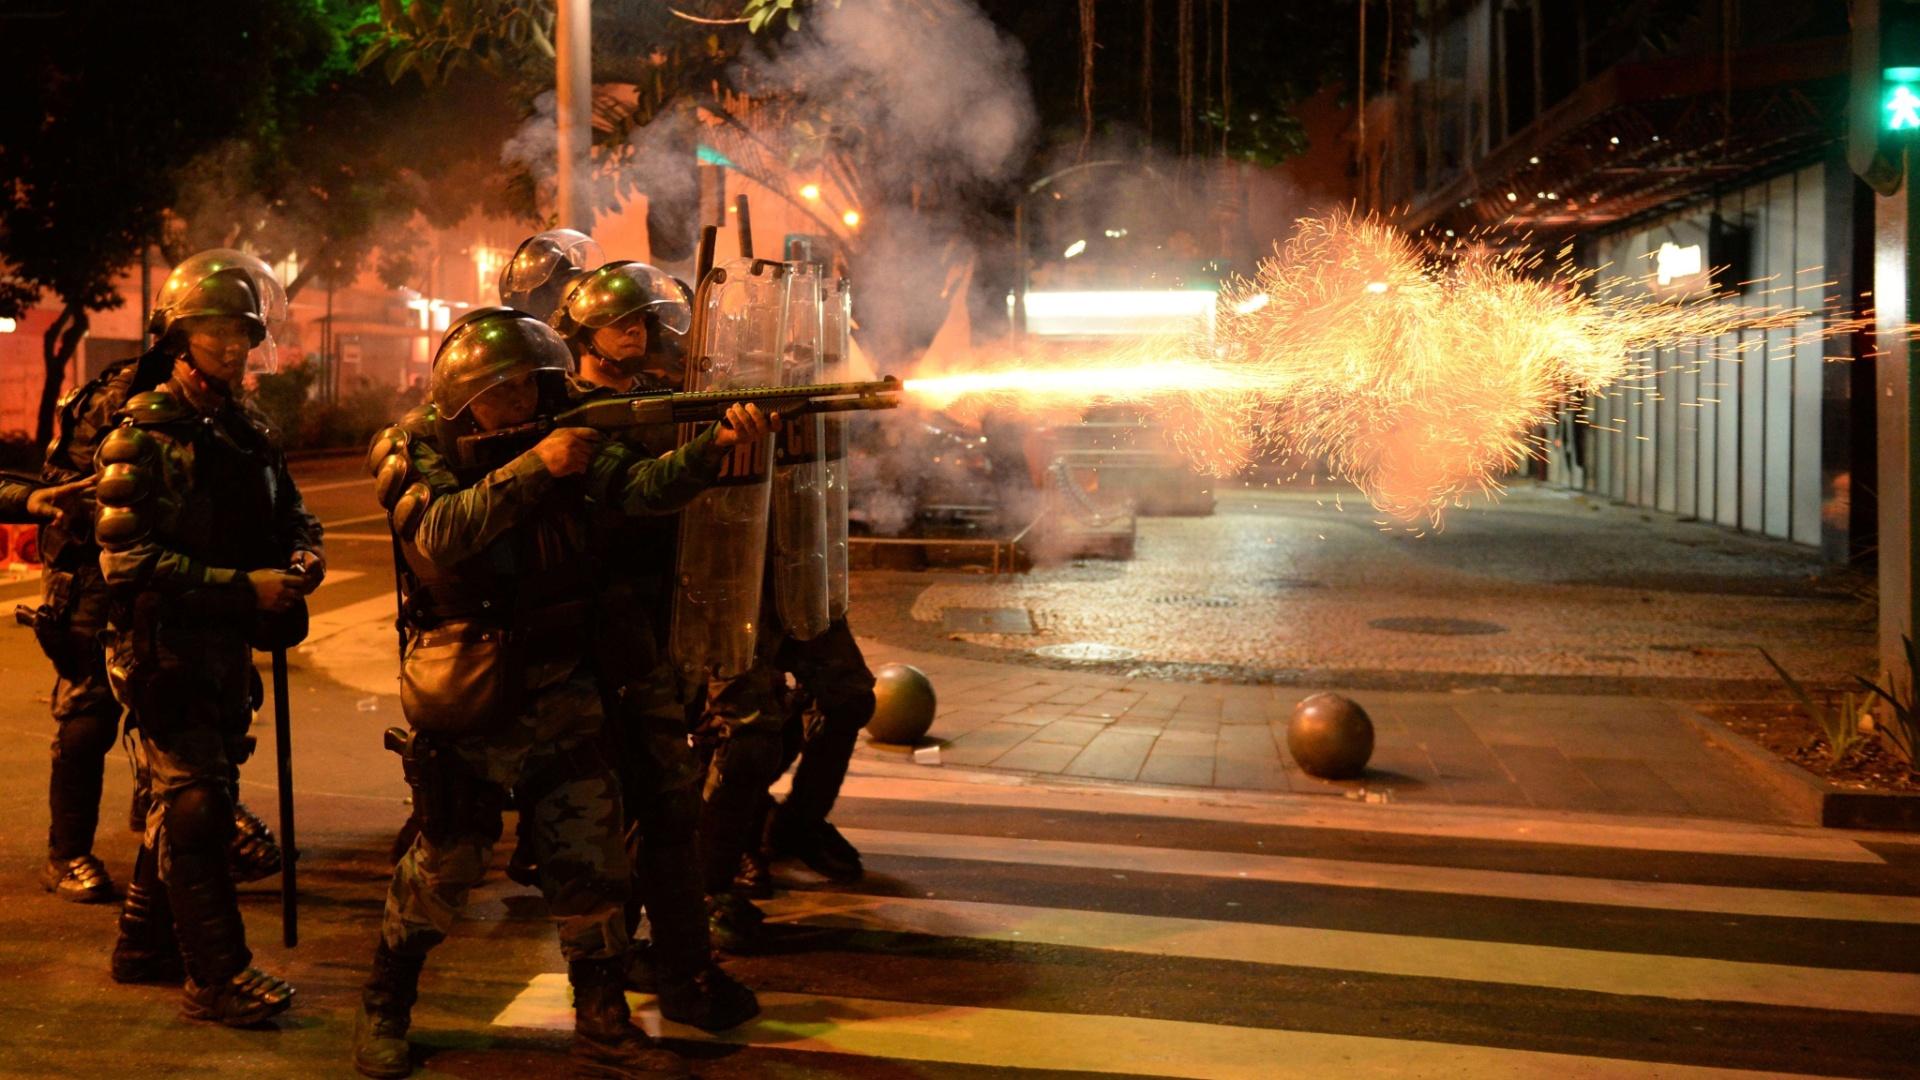 Breves considerações sobre o mercado futuro de gás lacrimogêneo